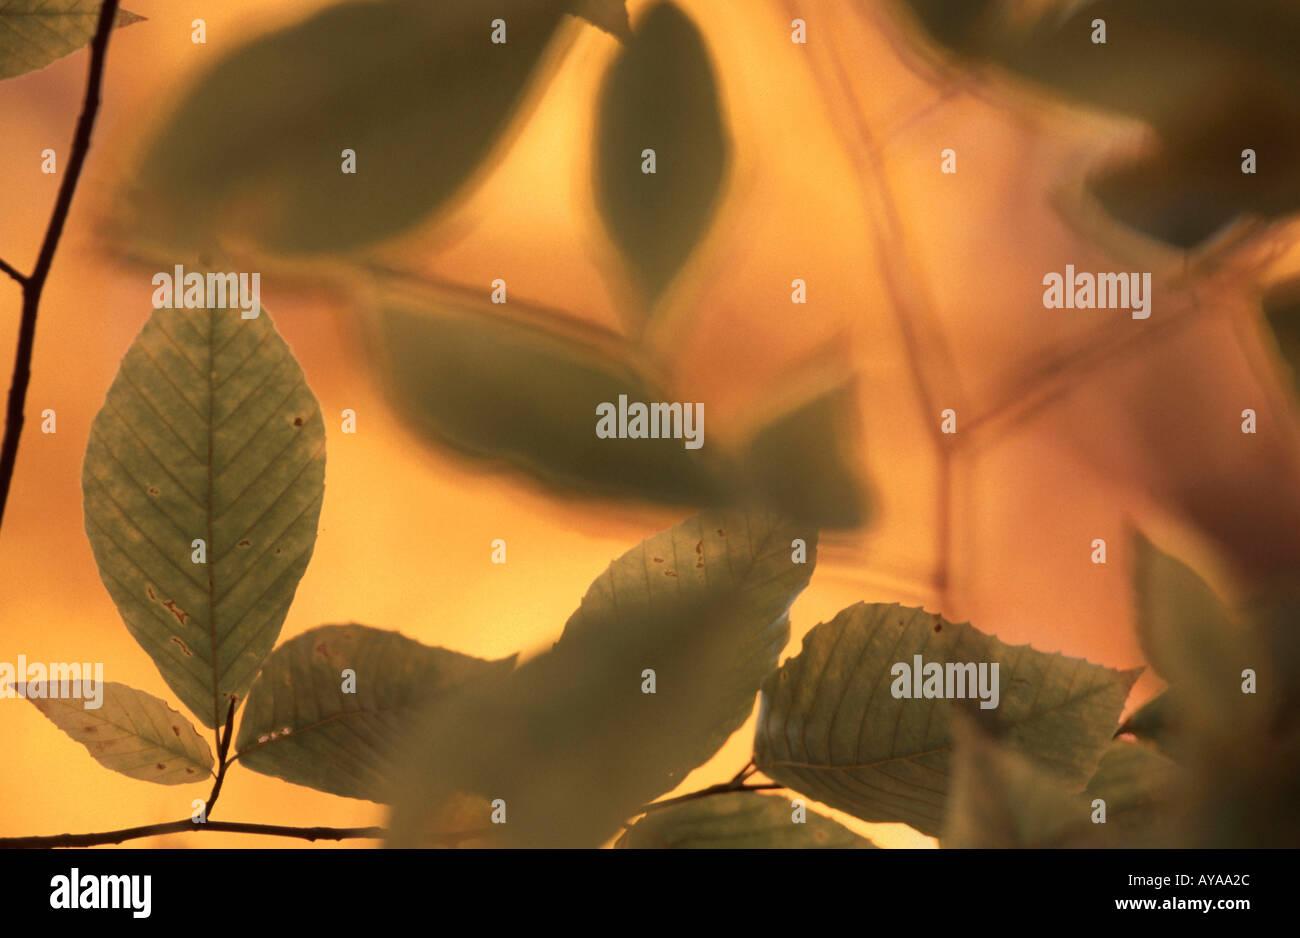 Blätter im Herbst Herbstblaetter Abstrakt abstrakte Querformat horizontale Stockbild